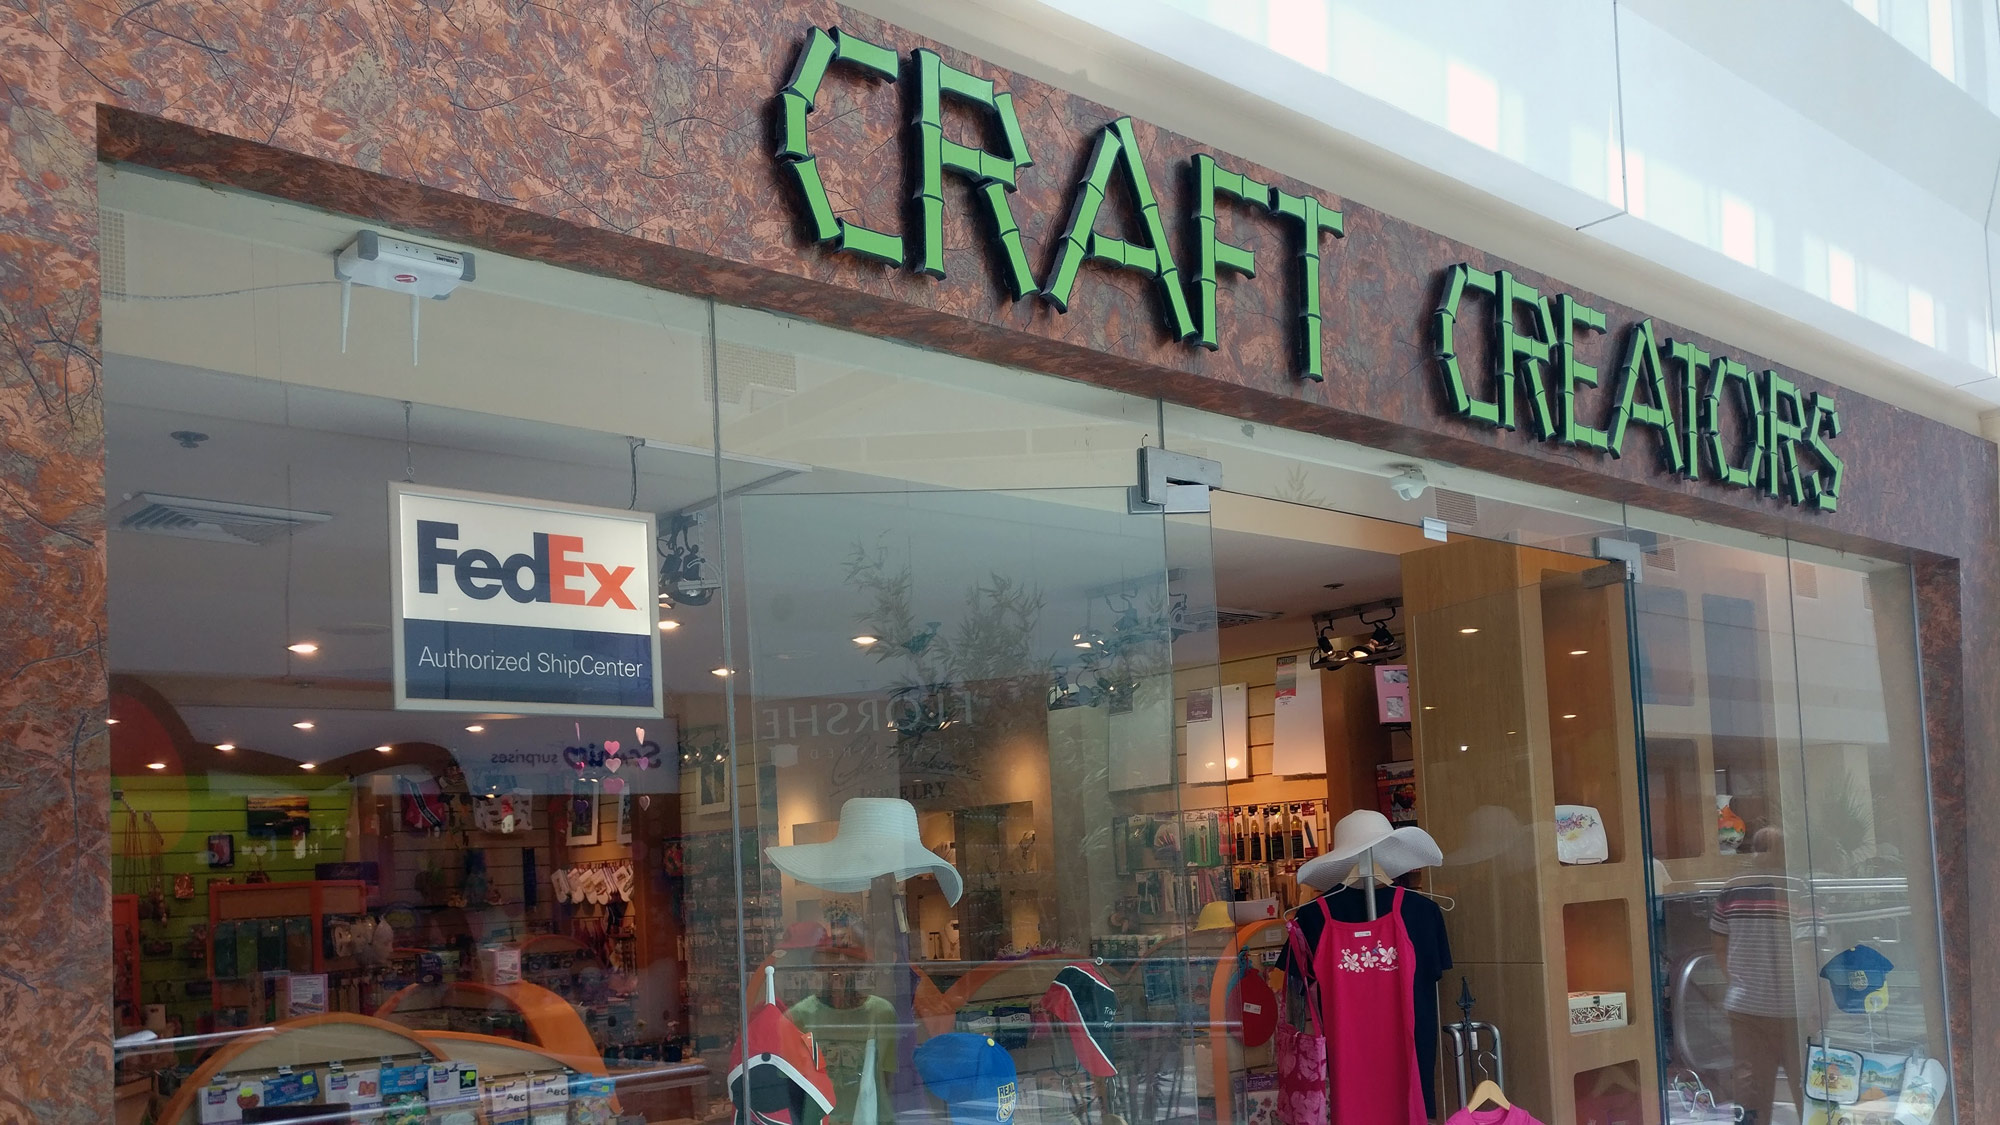 Craft Creators Ltd.